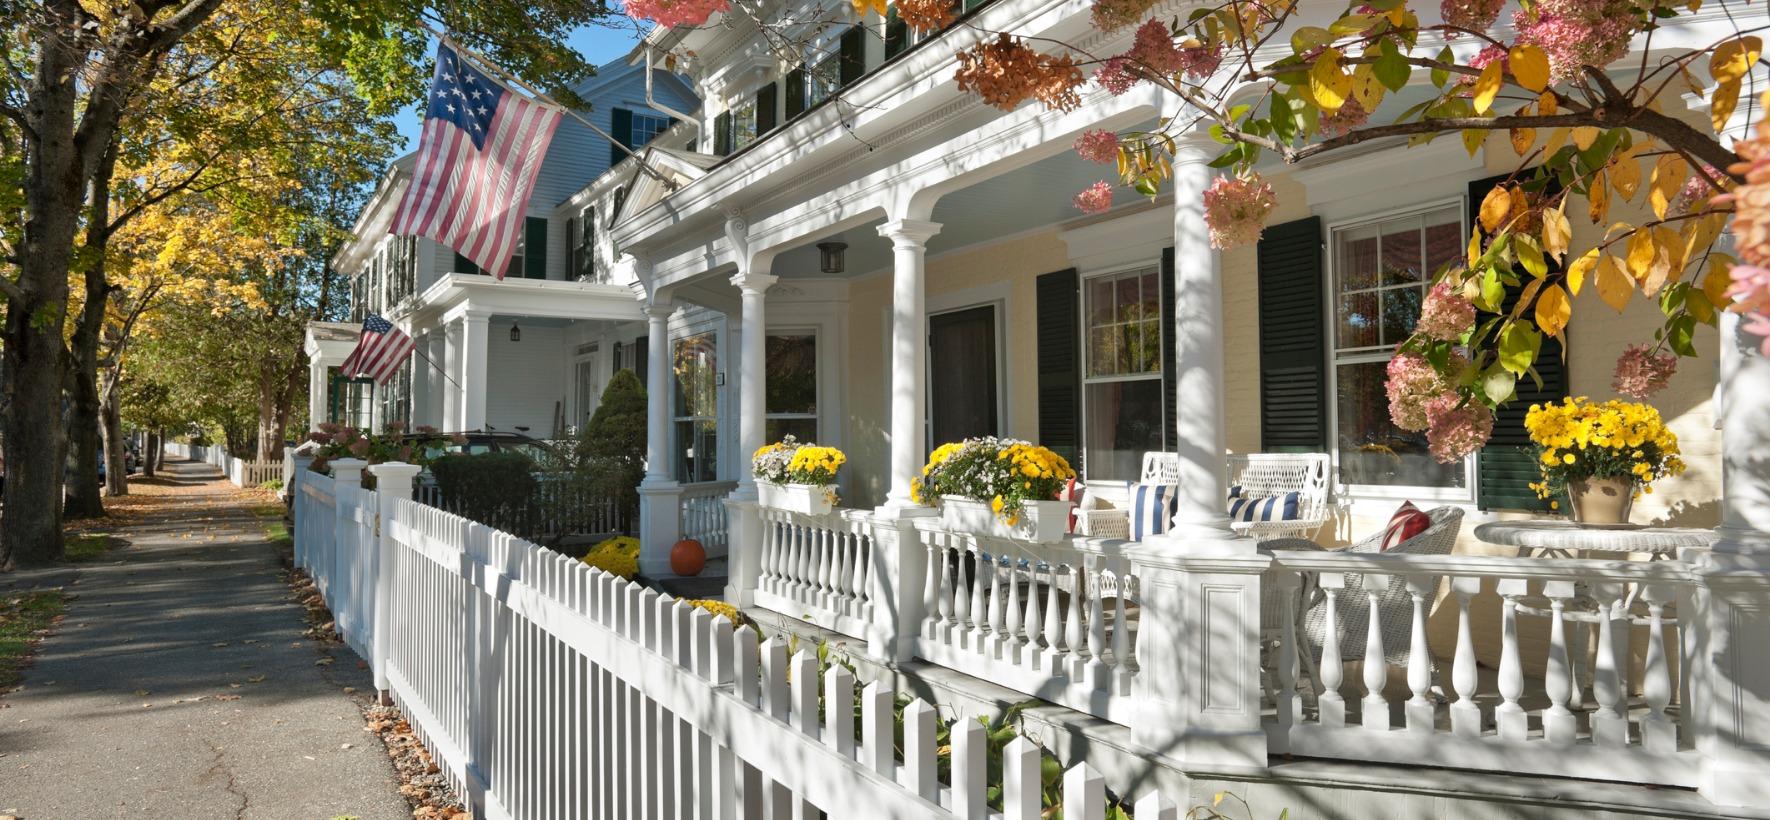 All Guard Shutters exterior shutters   home improvement   diy   usa exterior